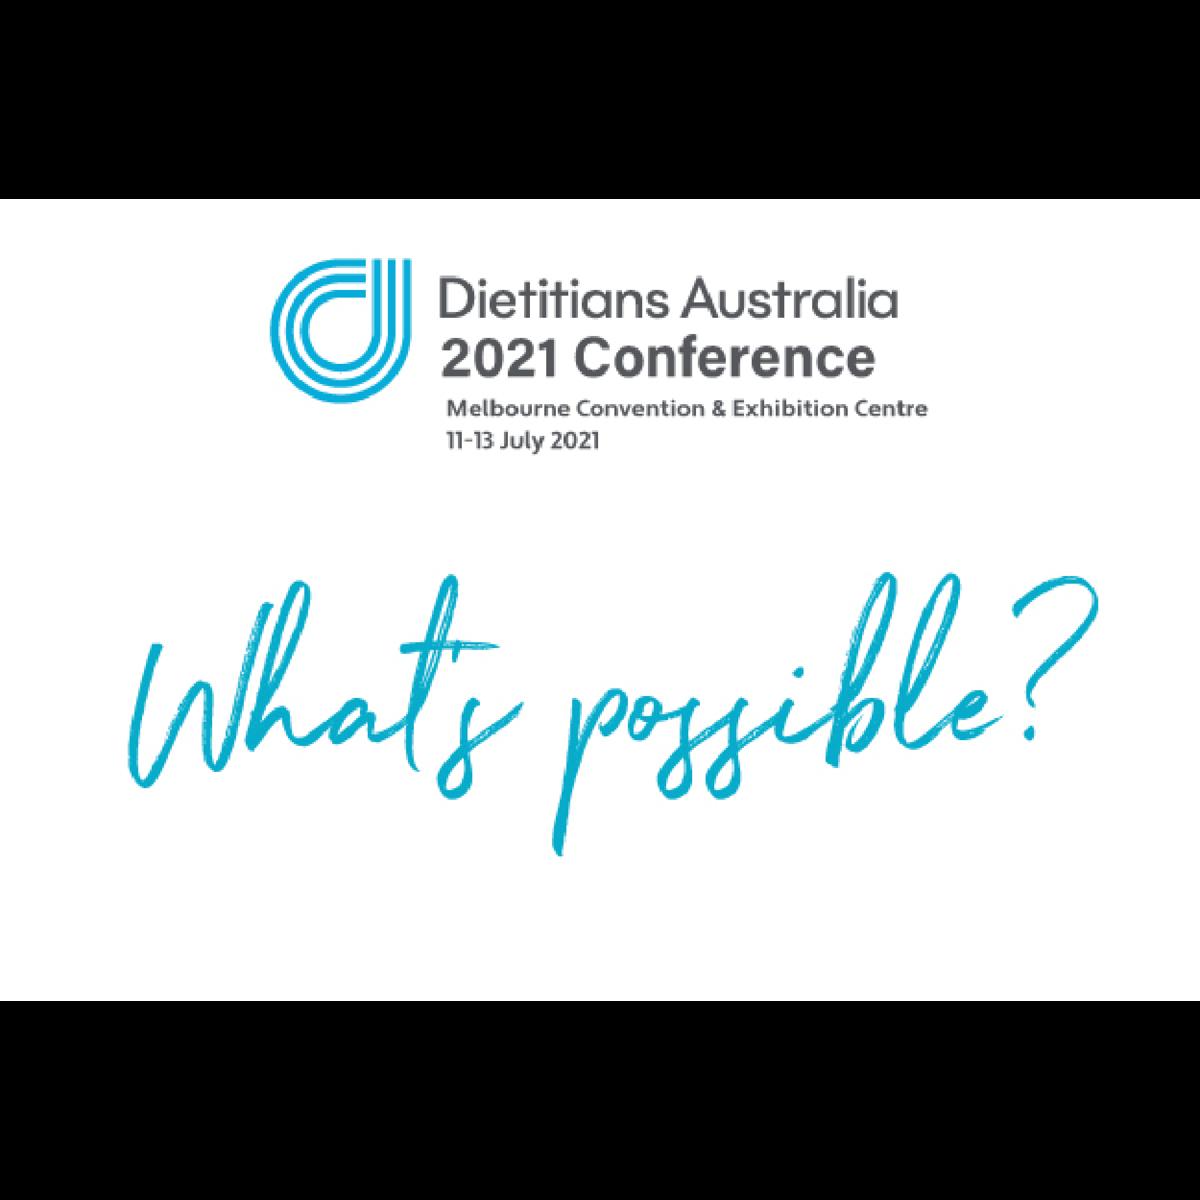 Dietitians Australia 2021 Conference